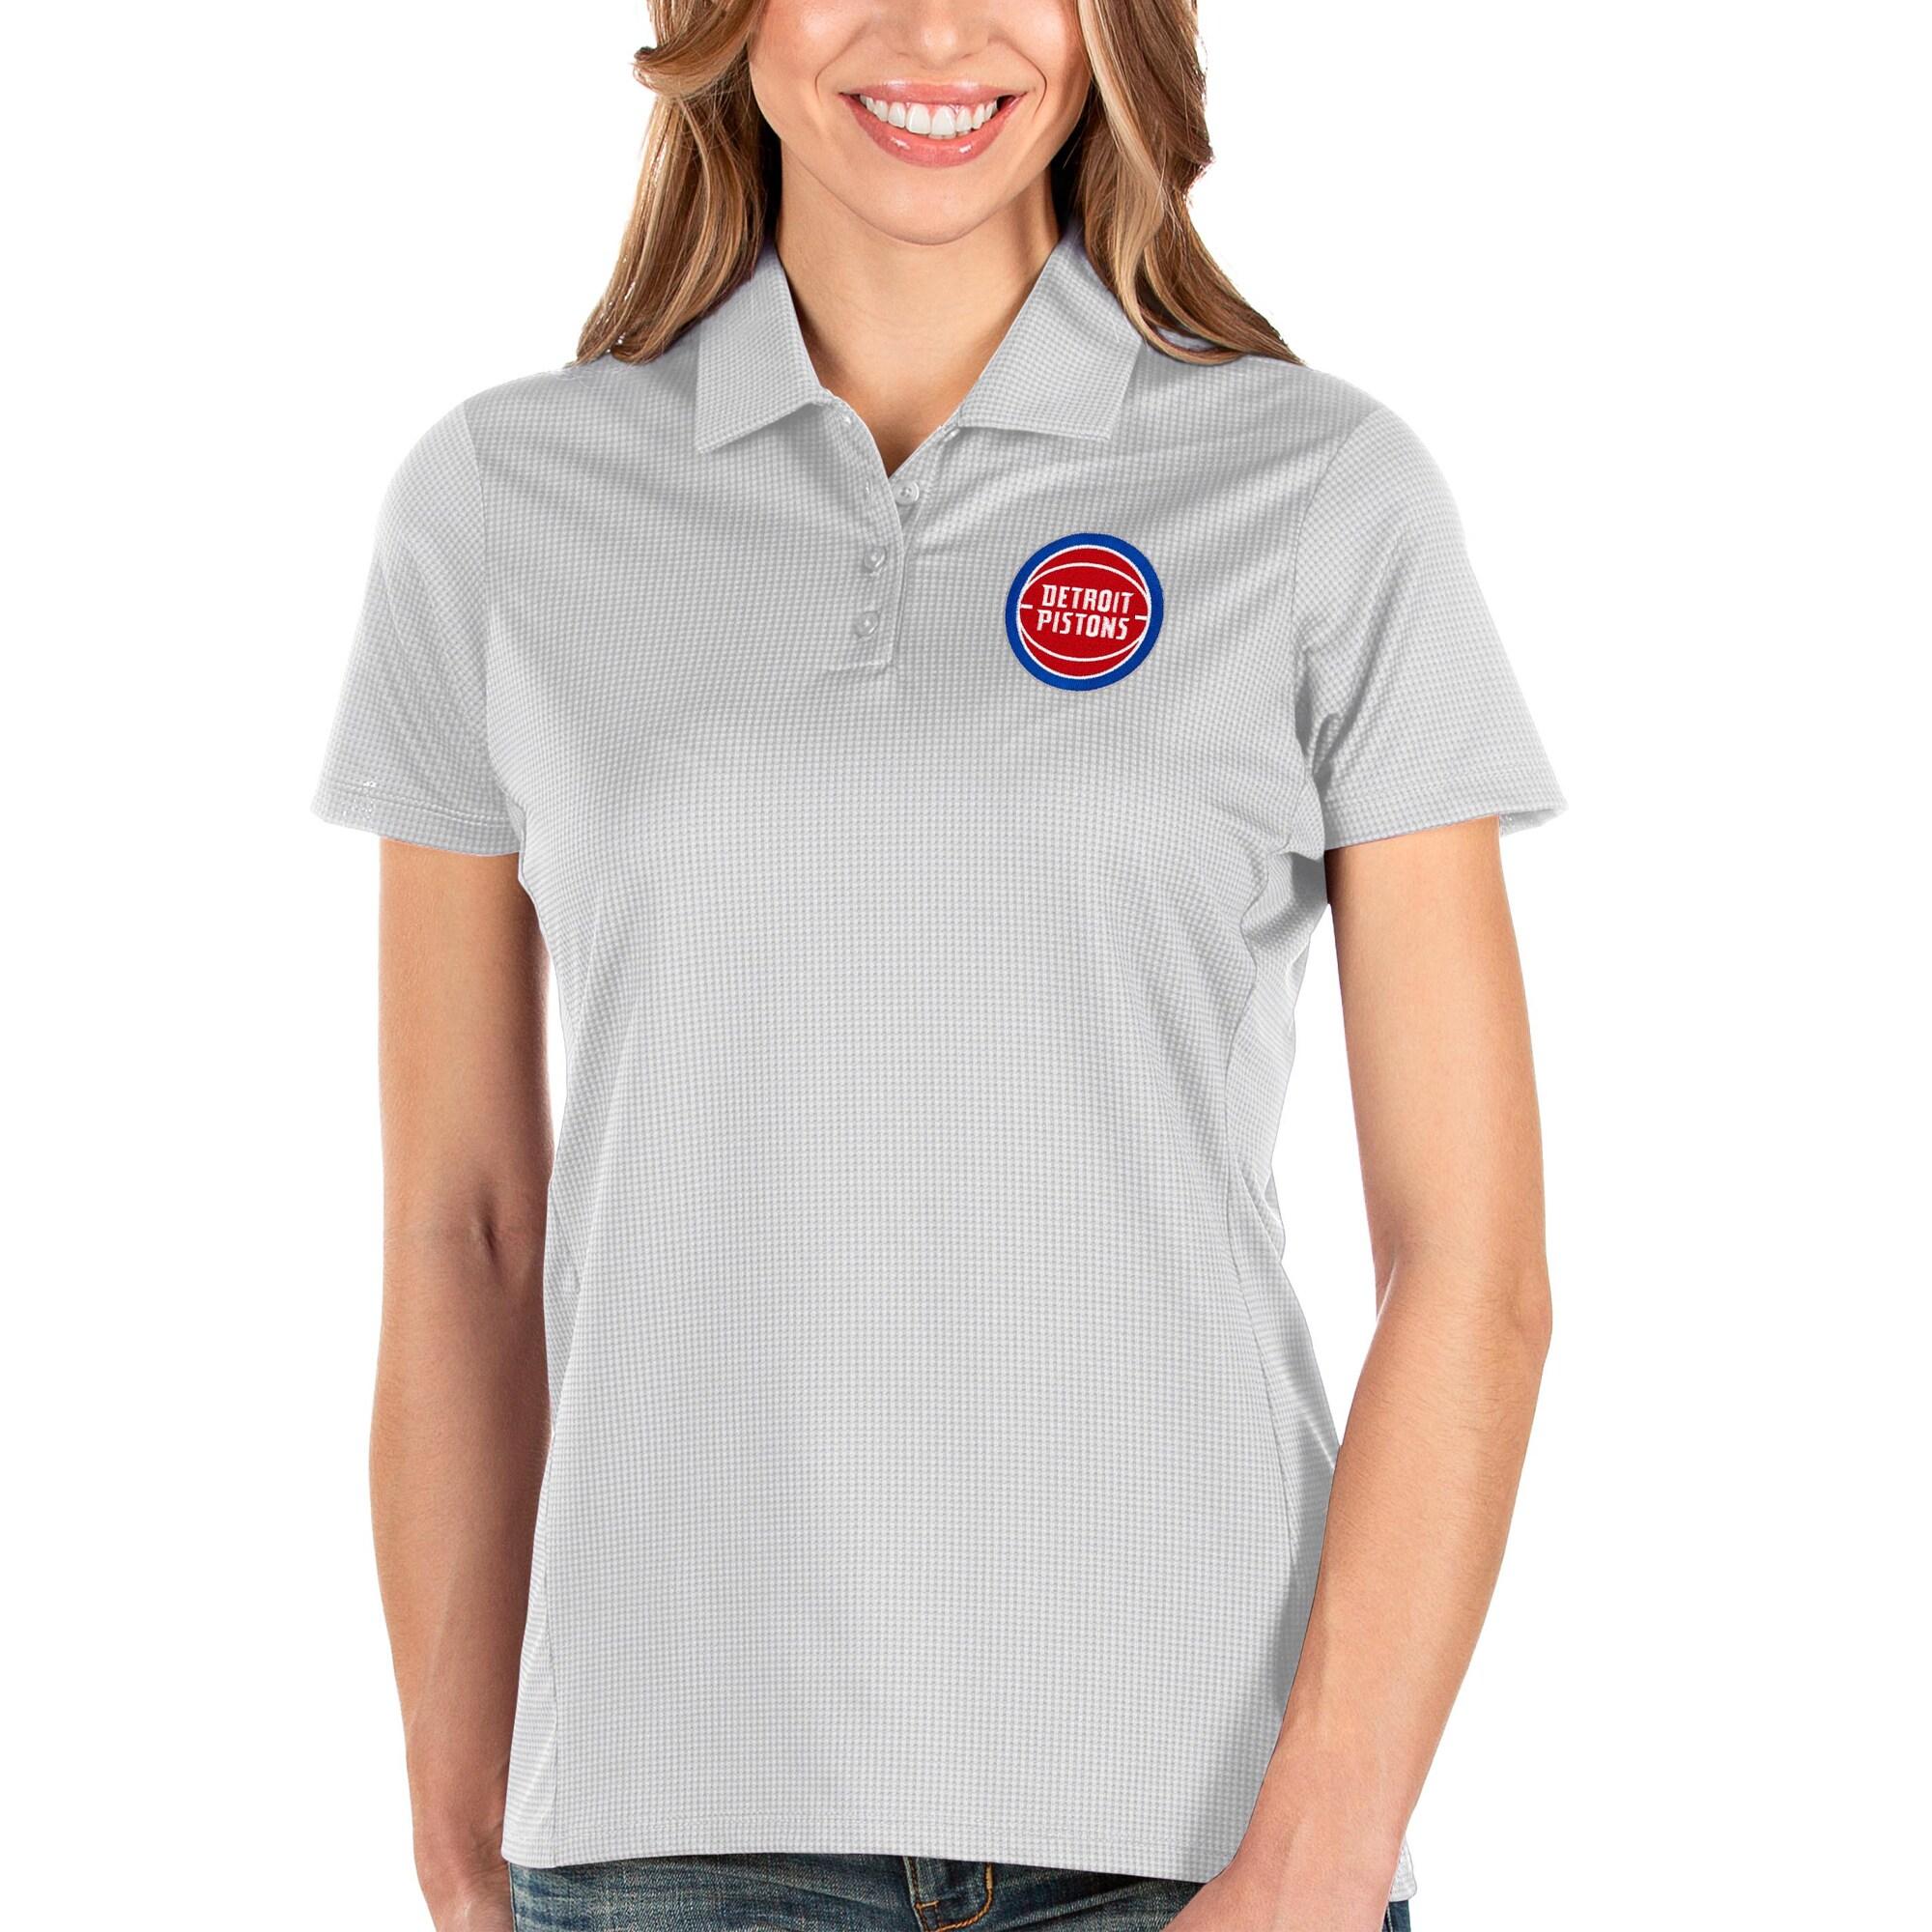 Detroit Pistons Antigua Women's Balance Polo - White